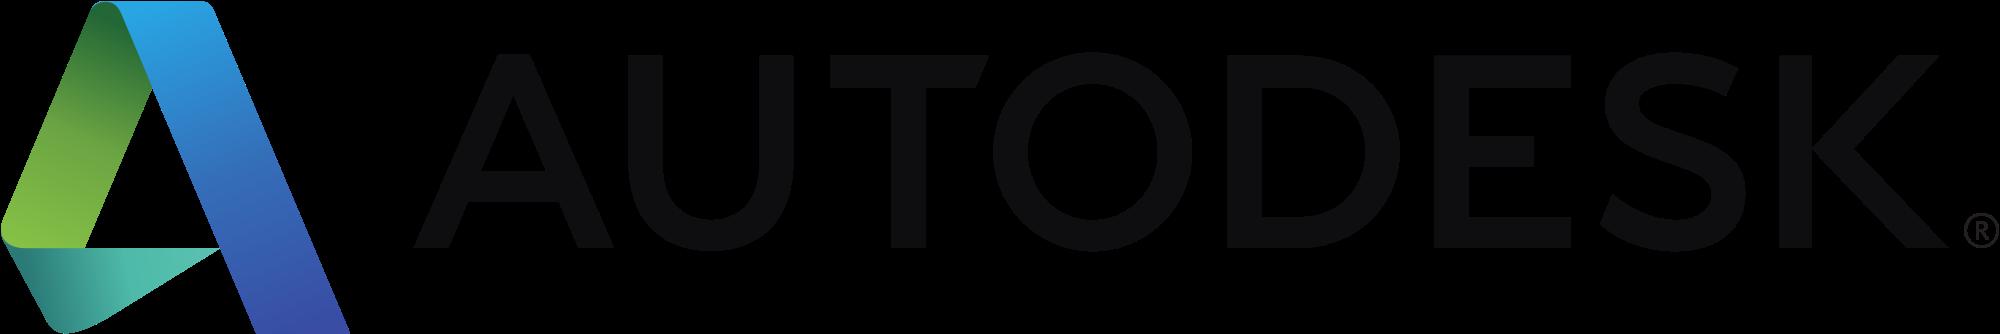 Autodesk Fusion Lifecycle logo